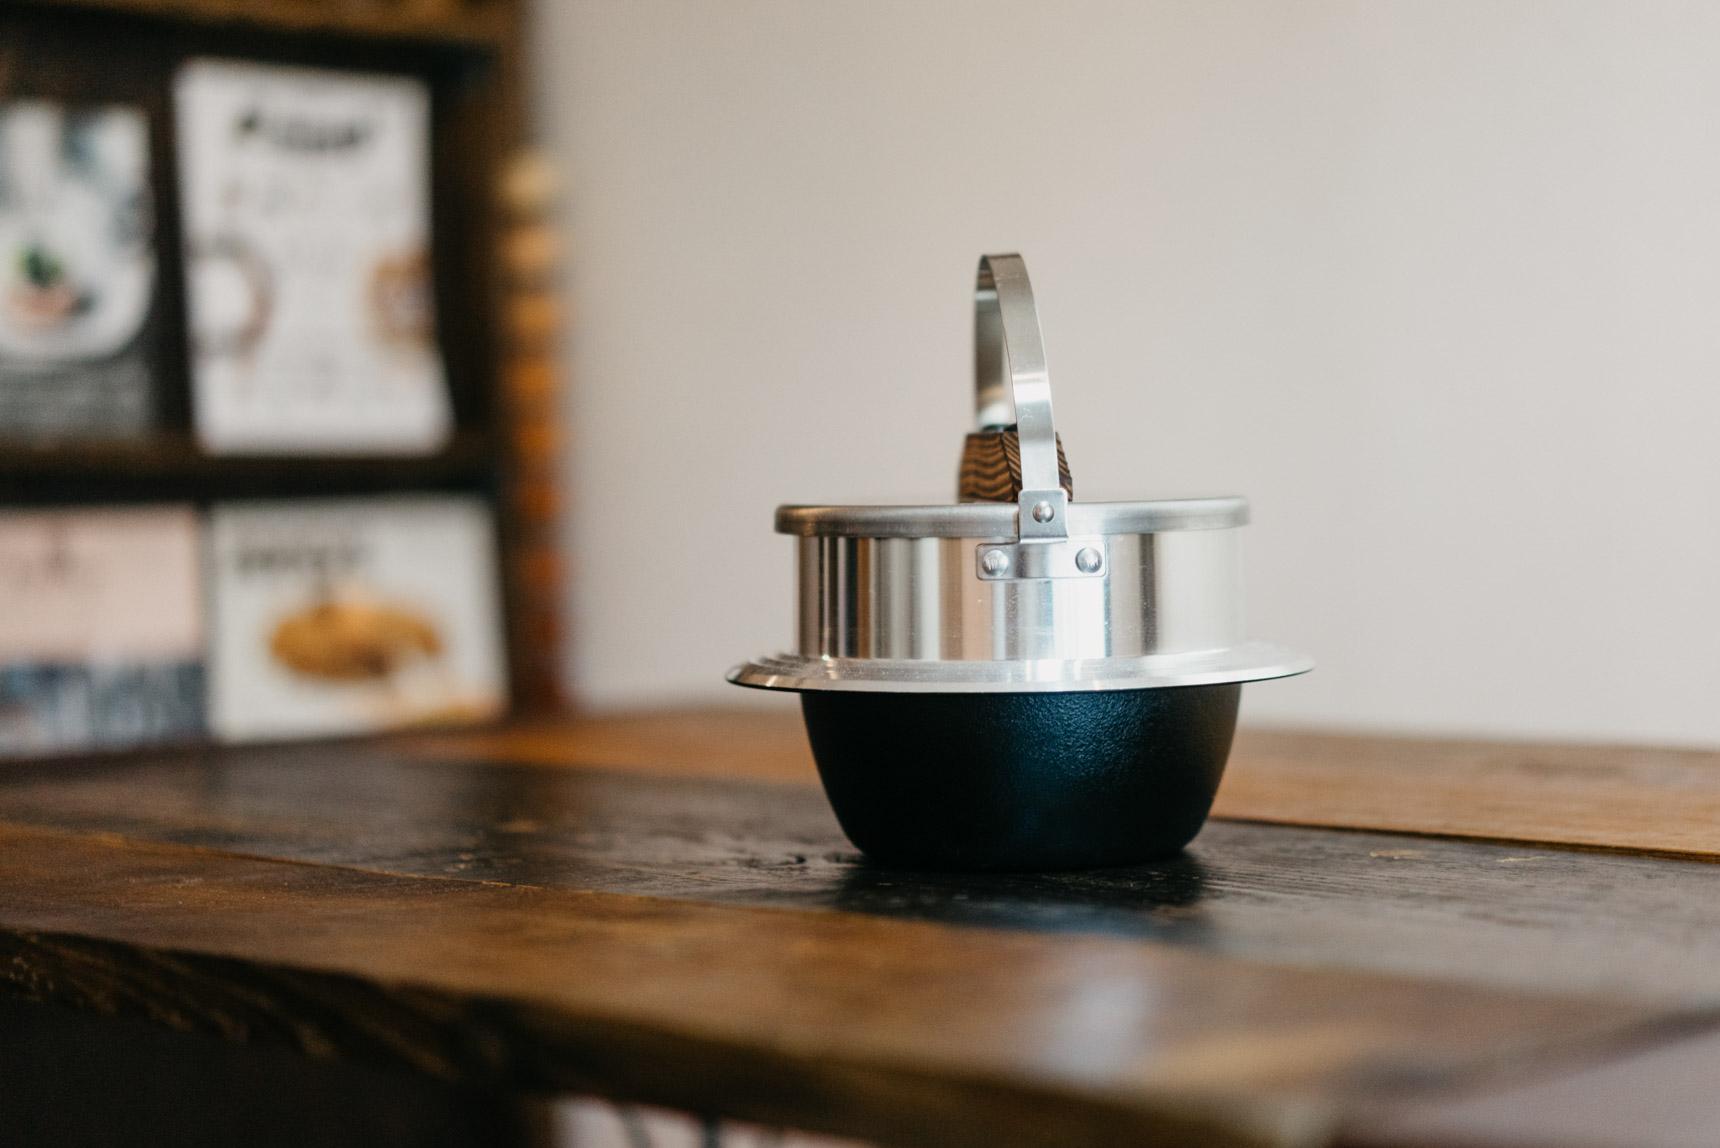 日本のかまどでよく使われていた「羽釜」の形を再現したユニフレームの「キャンプ羽釜」。家庭のガスコンロでも使用可能で、アウトドアでも普段の食卓でも活躍します。すり鉢形状の「釜」で対流が起きるため、美味しく炊けるのがポイント。